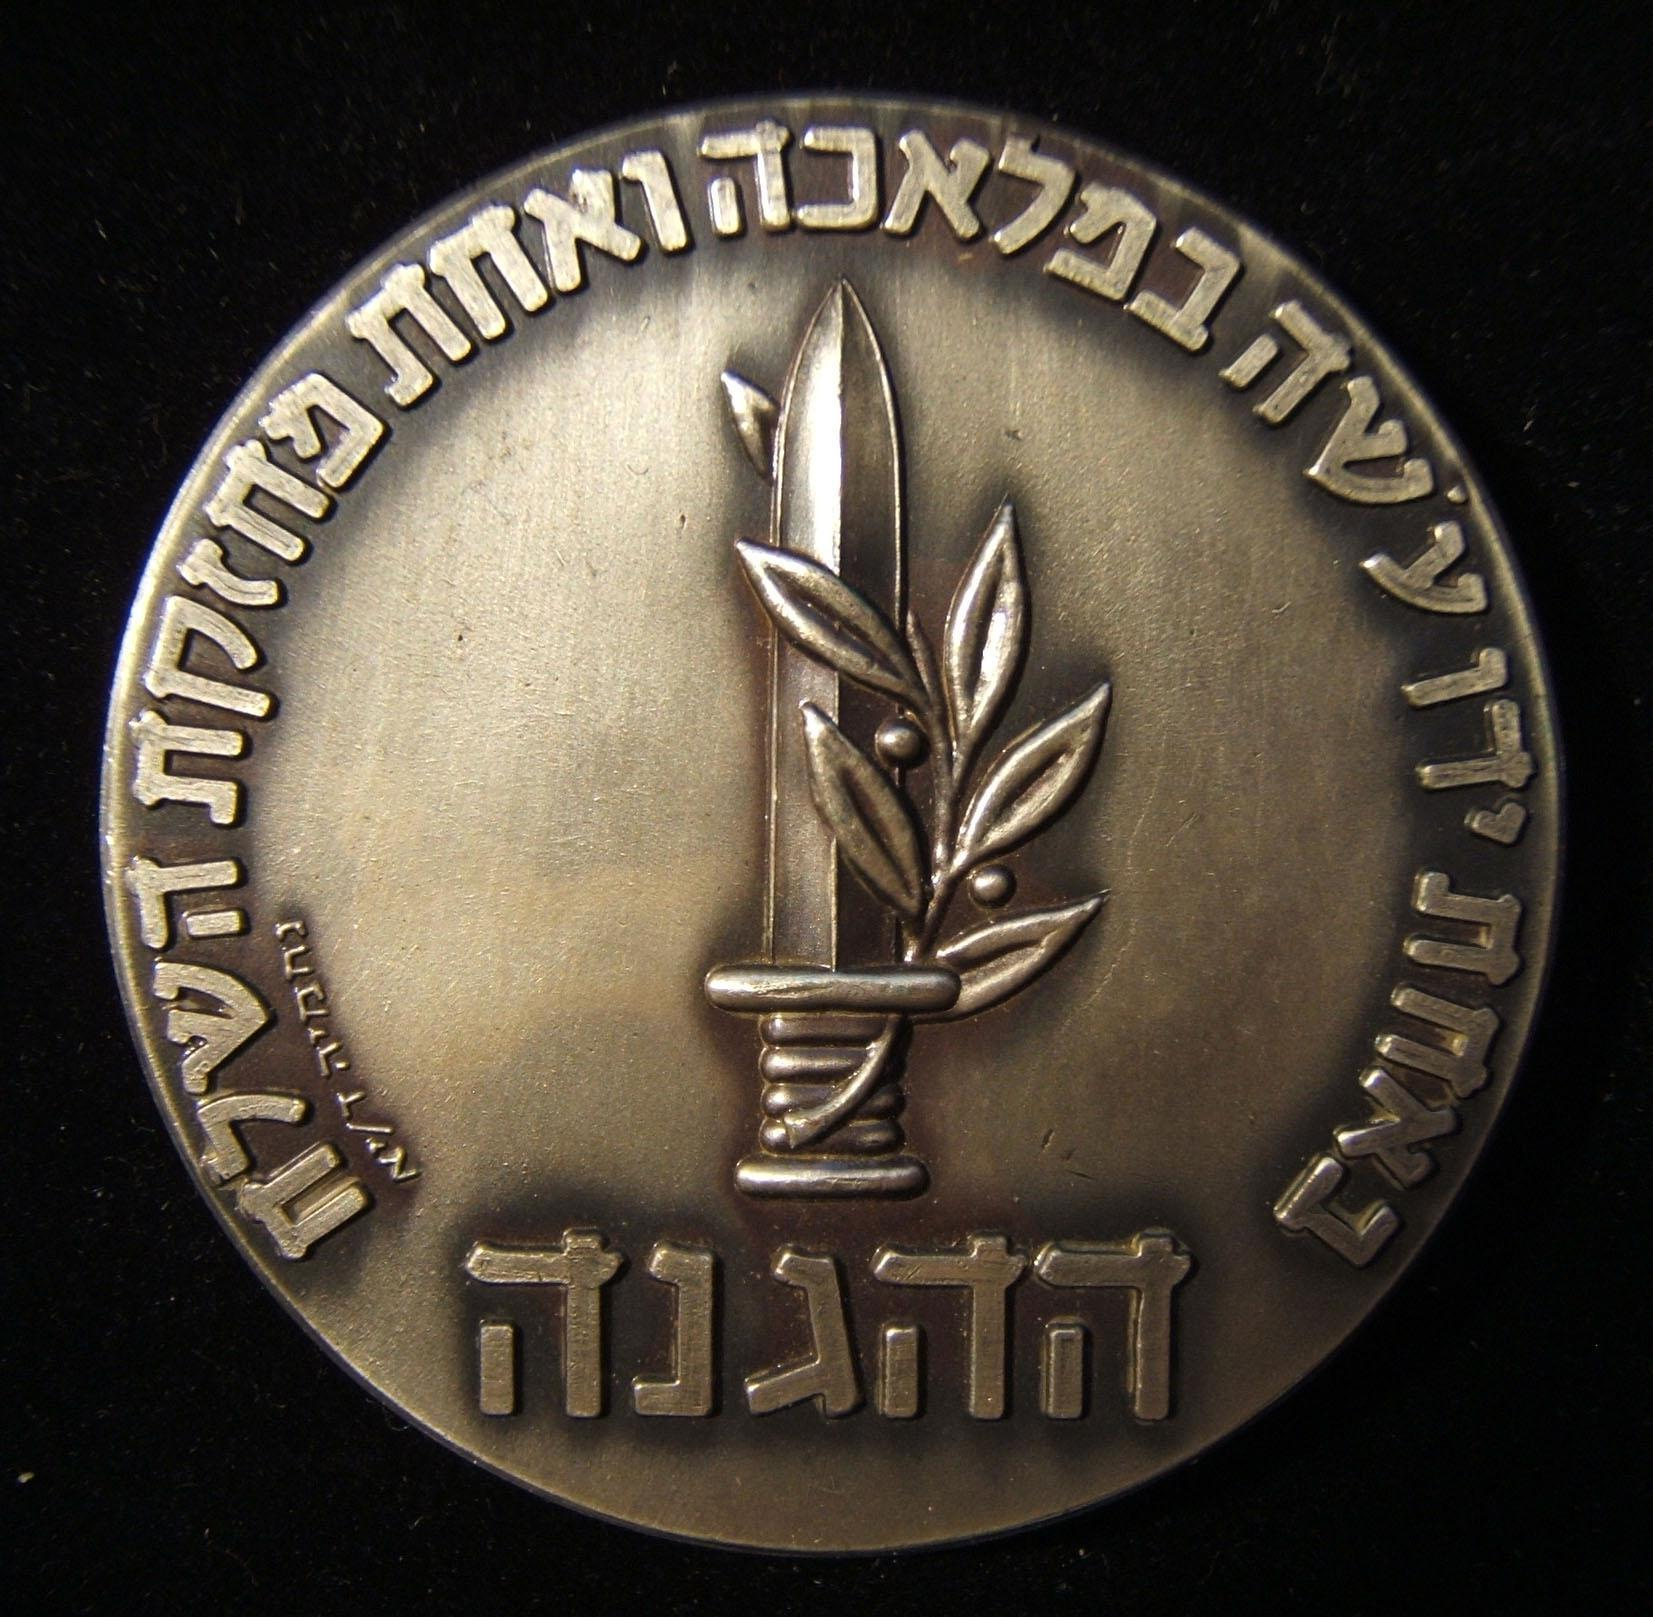 מדליה 50 למדינת ישראל, מדליה 1970, על ידי אלישע מדליה